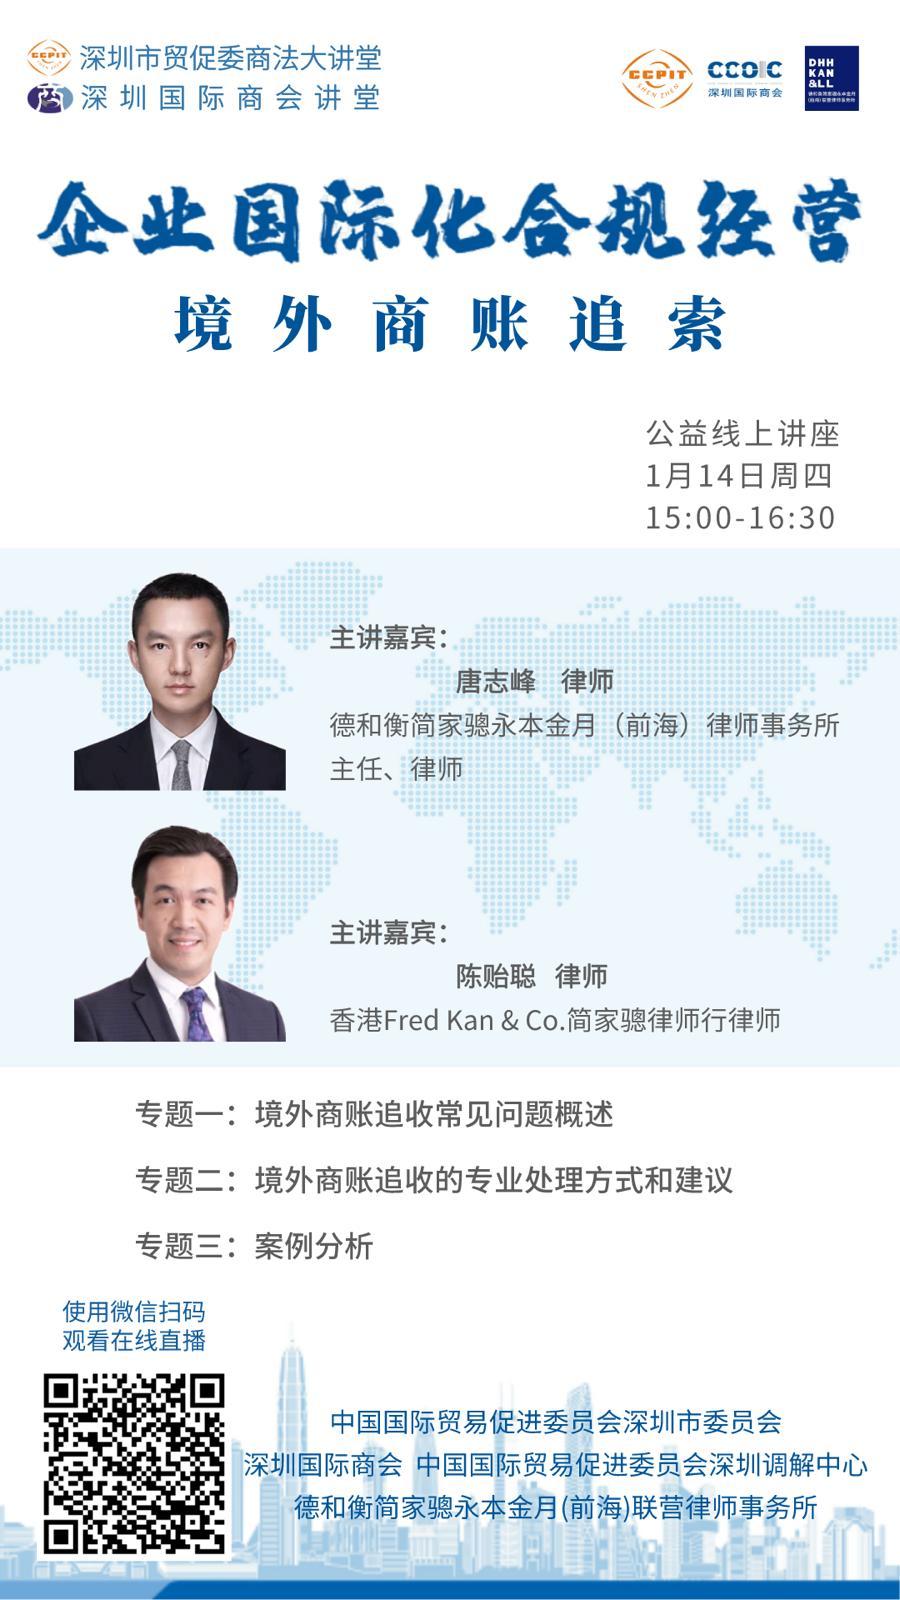 本行陈贻聪律师及联营所主任唐志峰律师担任公益法律线上讲座主讲嘉宾